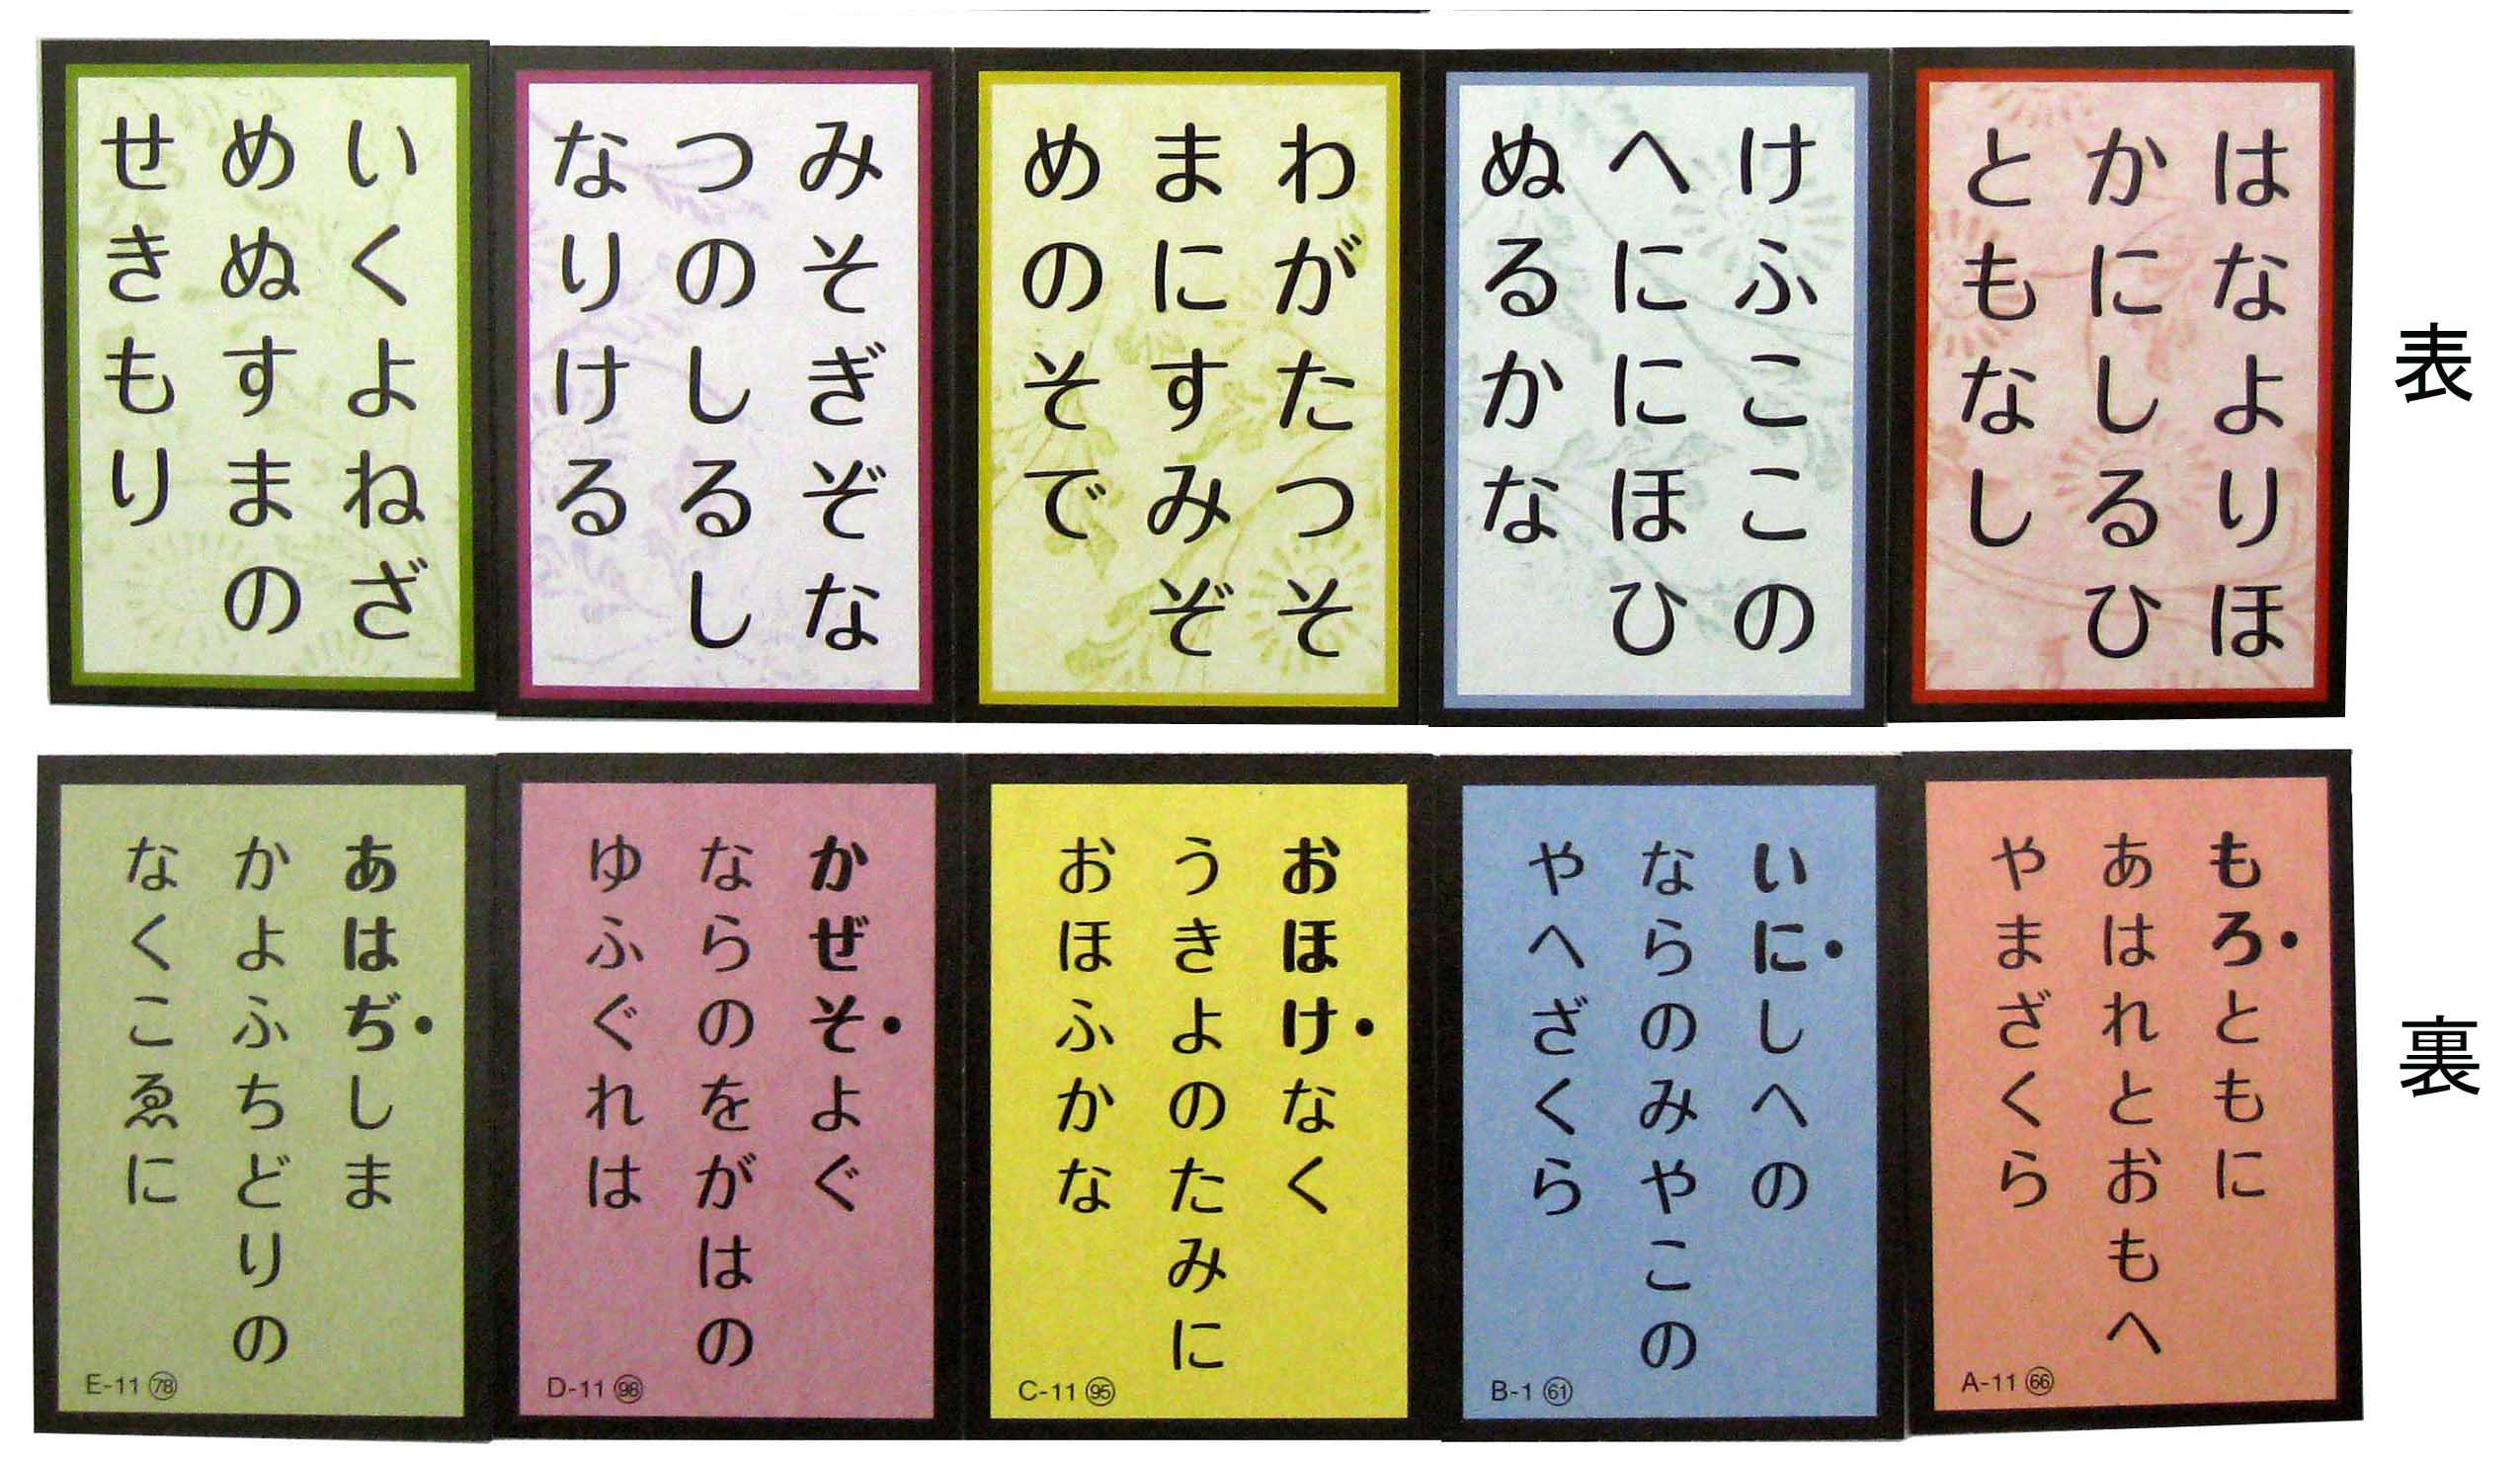 nijuuninn-torihuda-omoteura.jpg